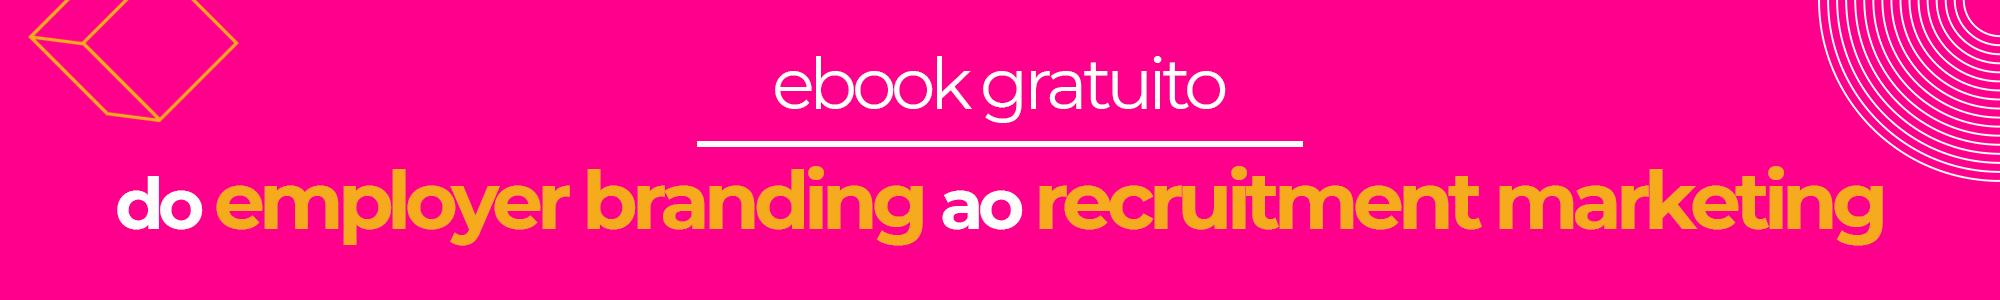 ebook gratuito: do employer branding ao recruitment marketing